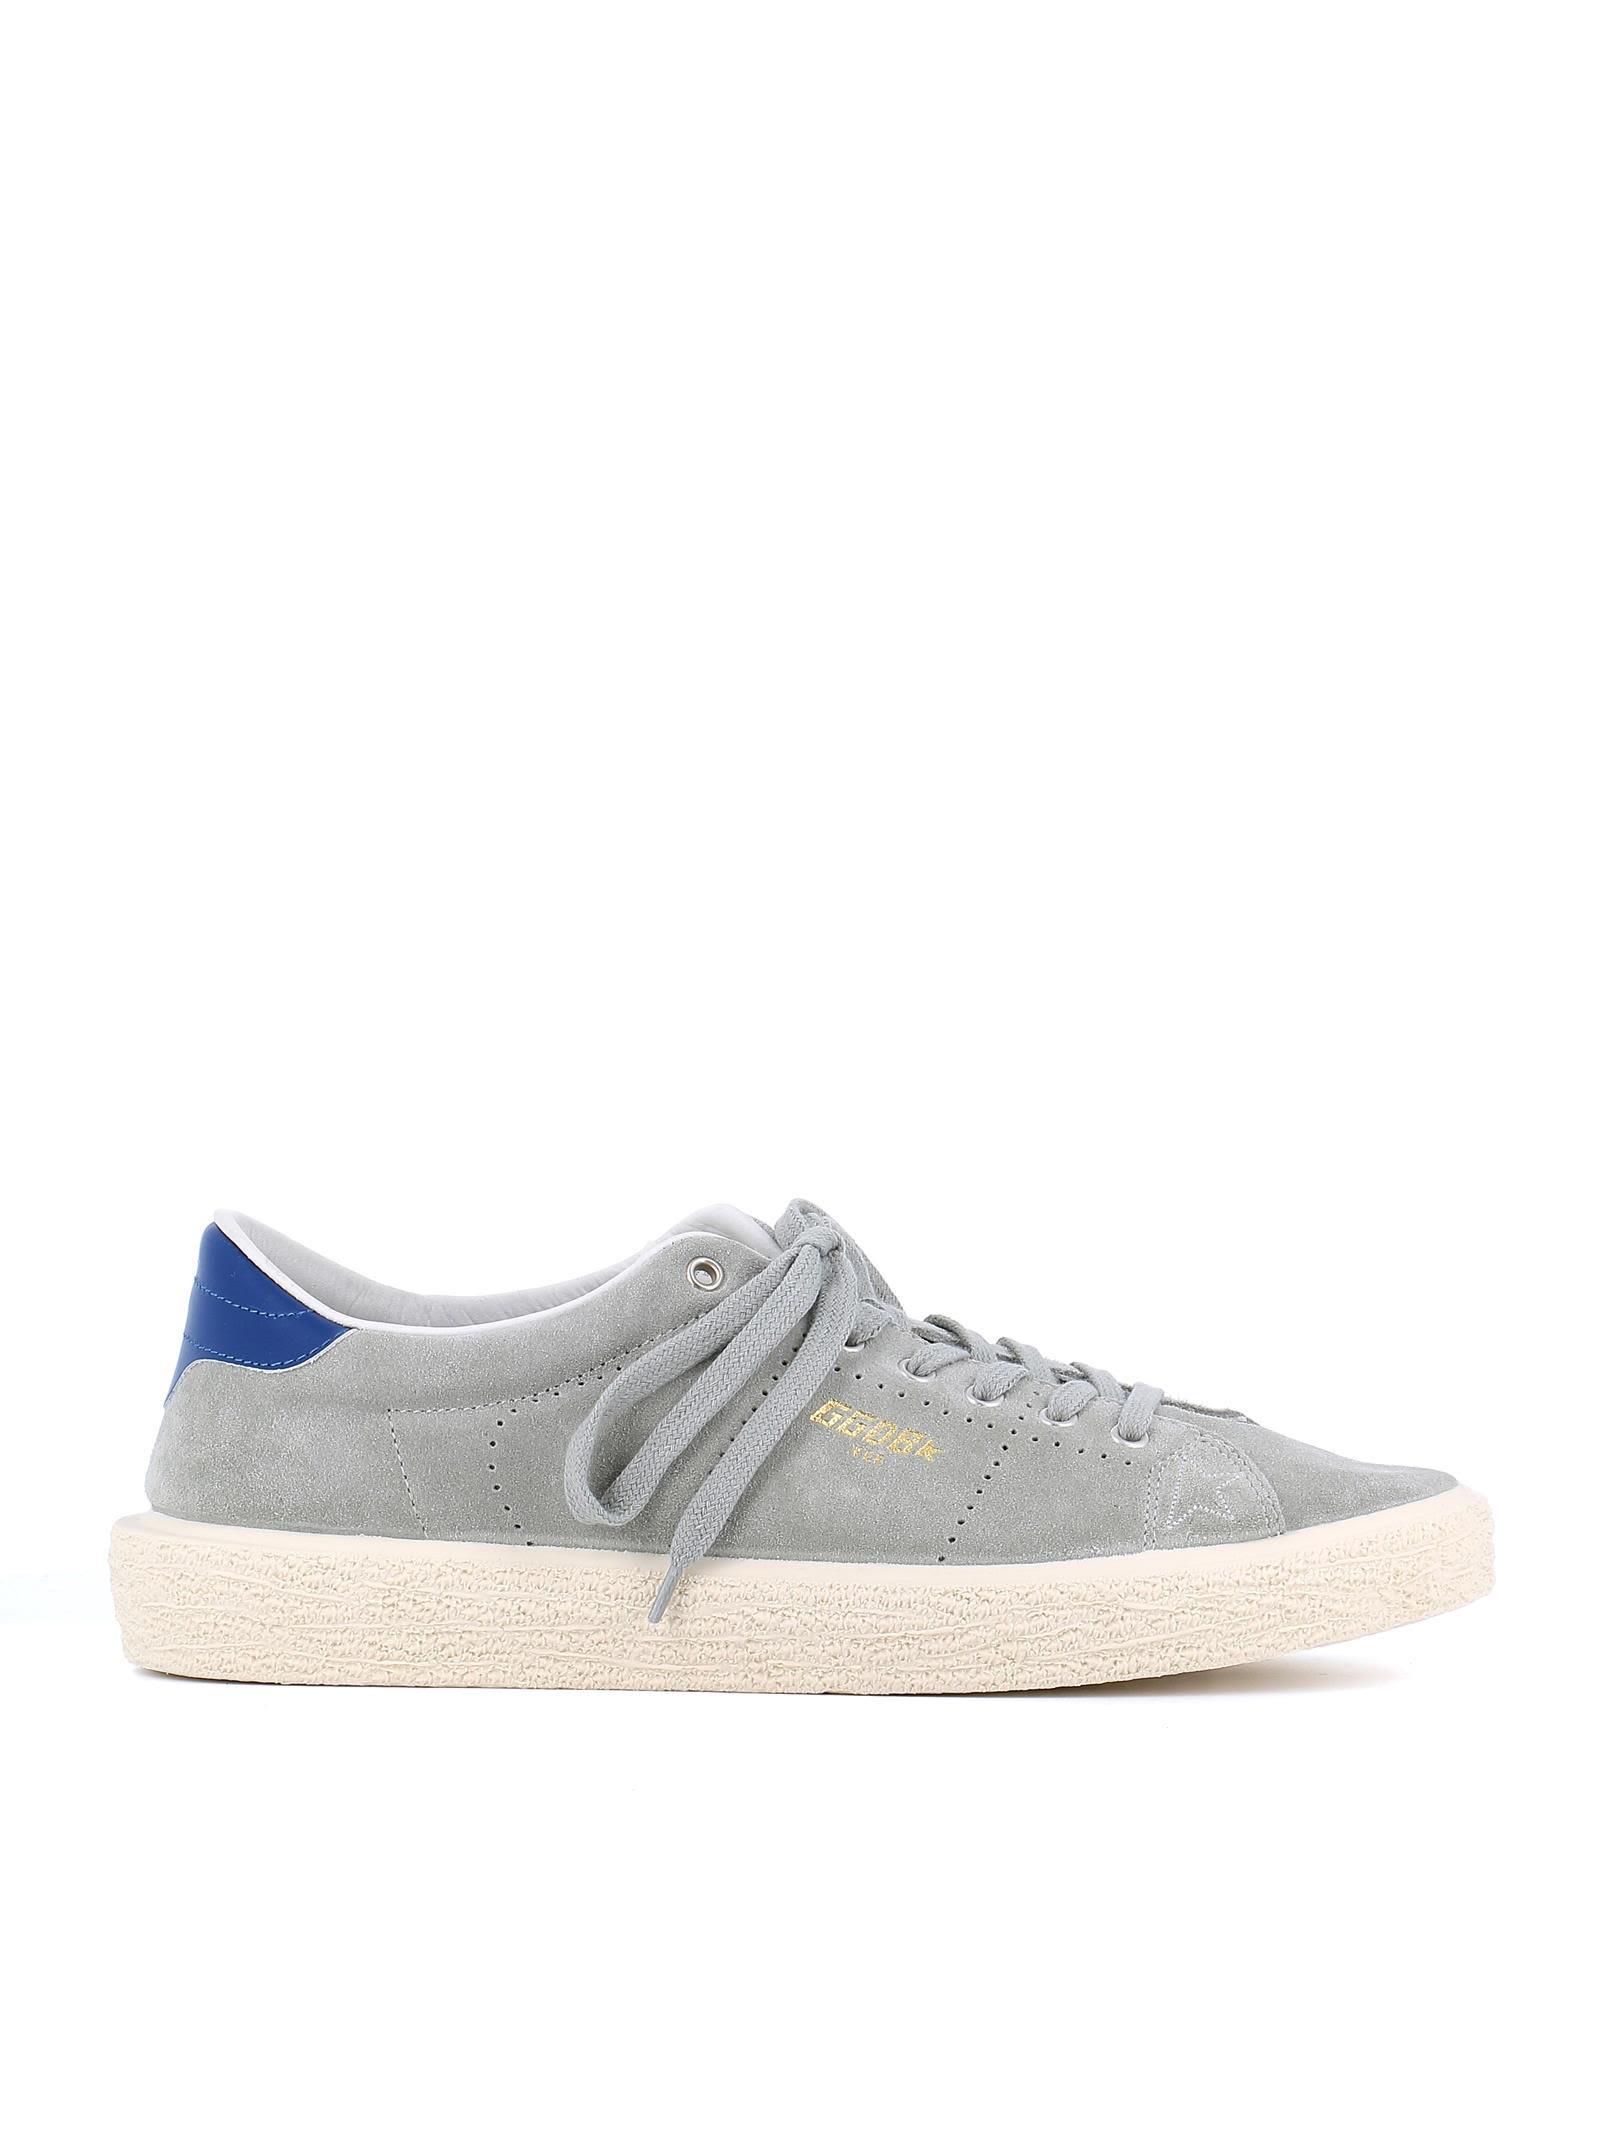 Golden Goose Tennis Sneakers In Grey-Blue